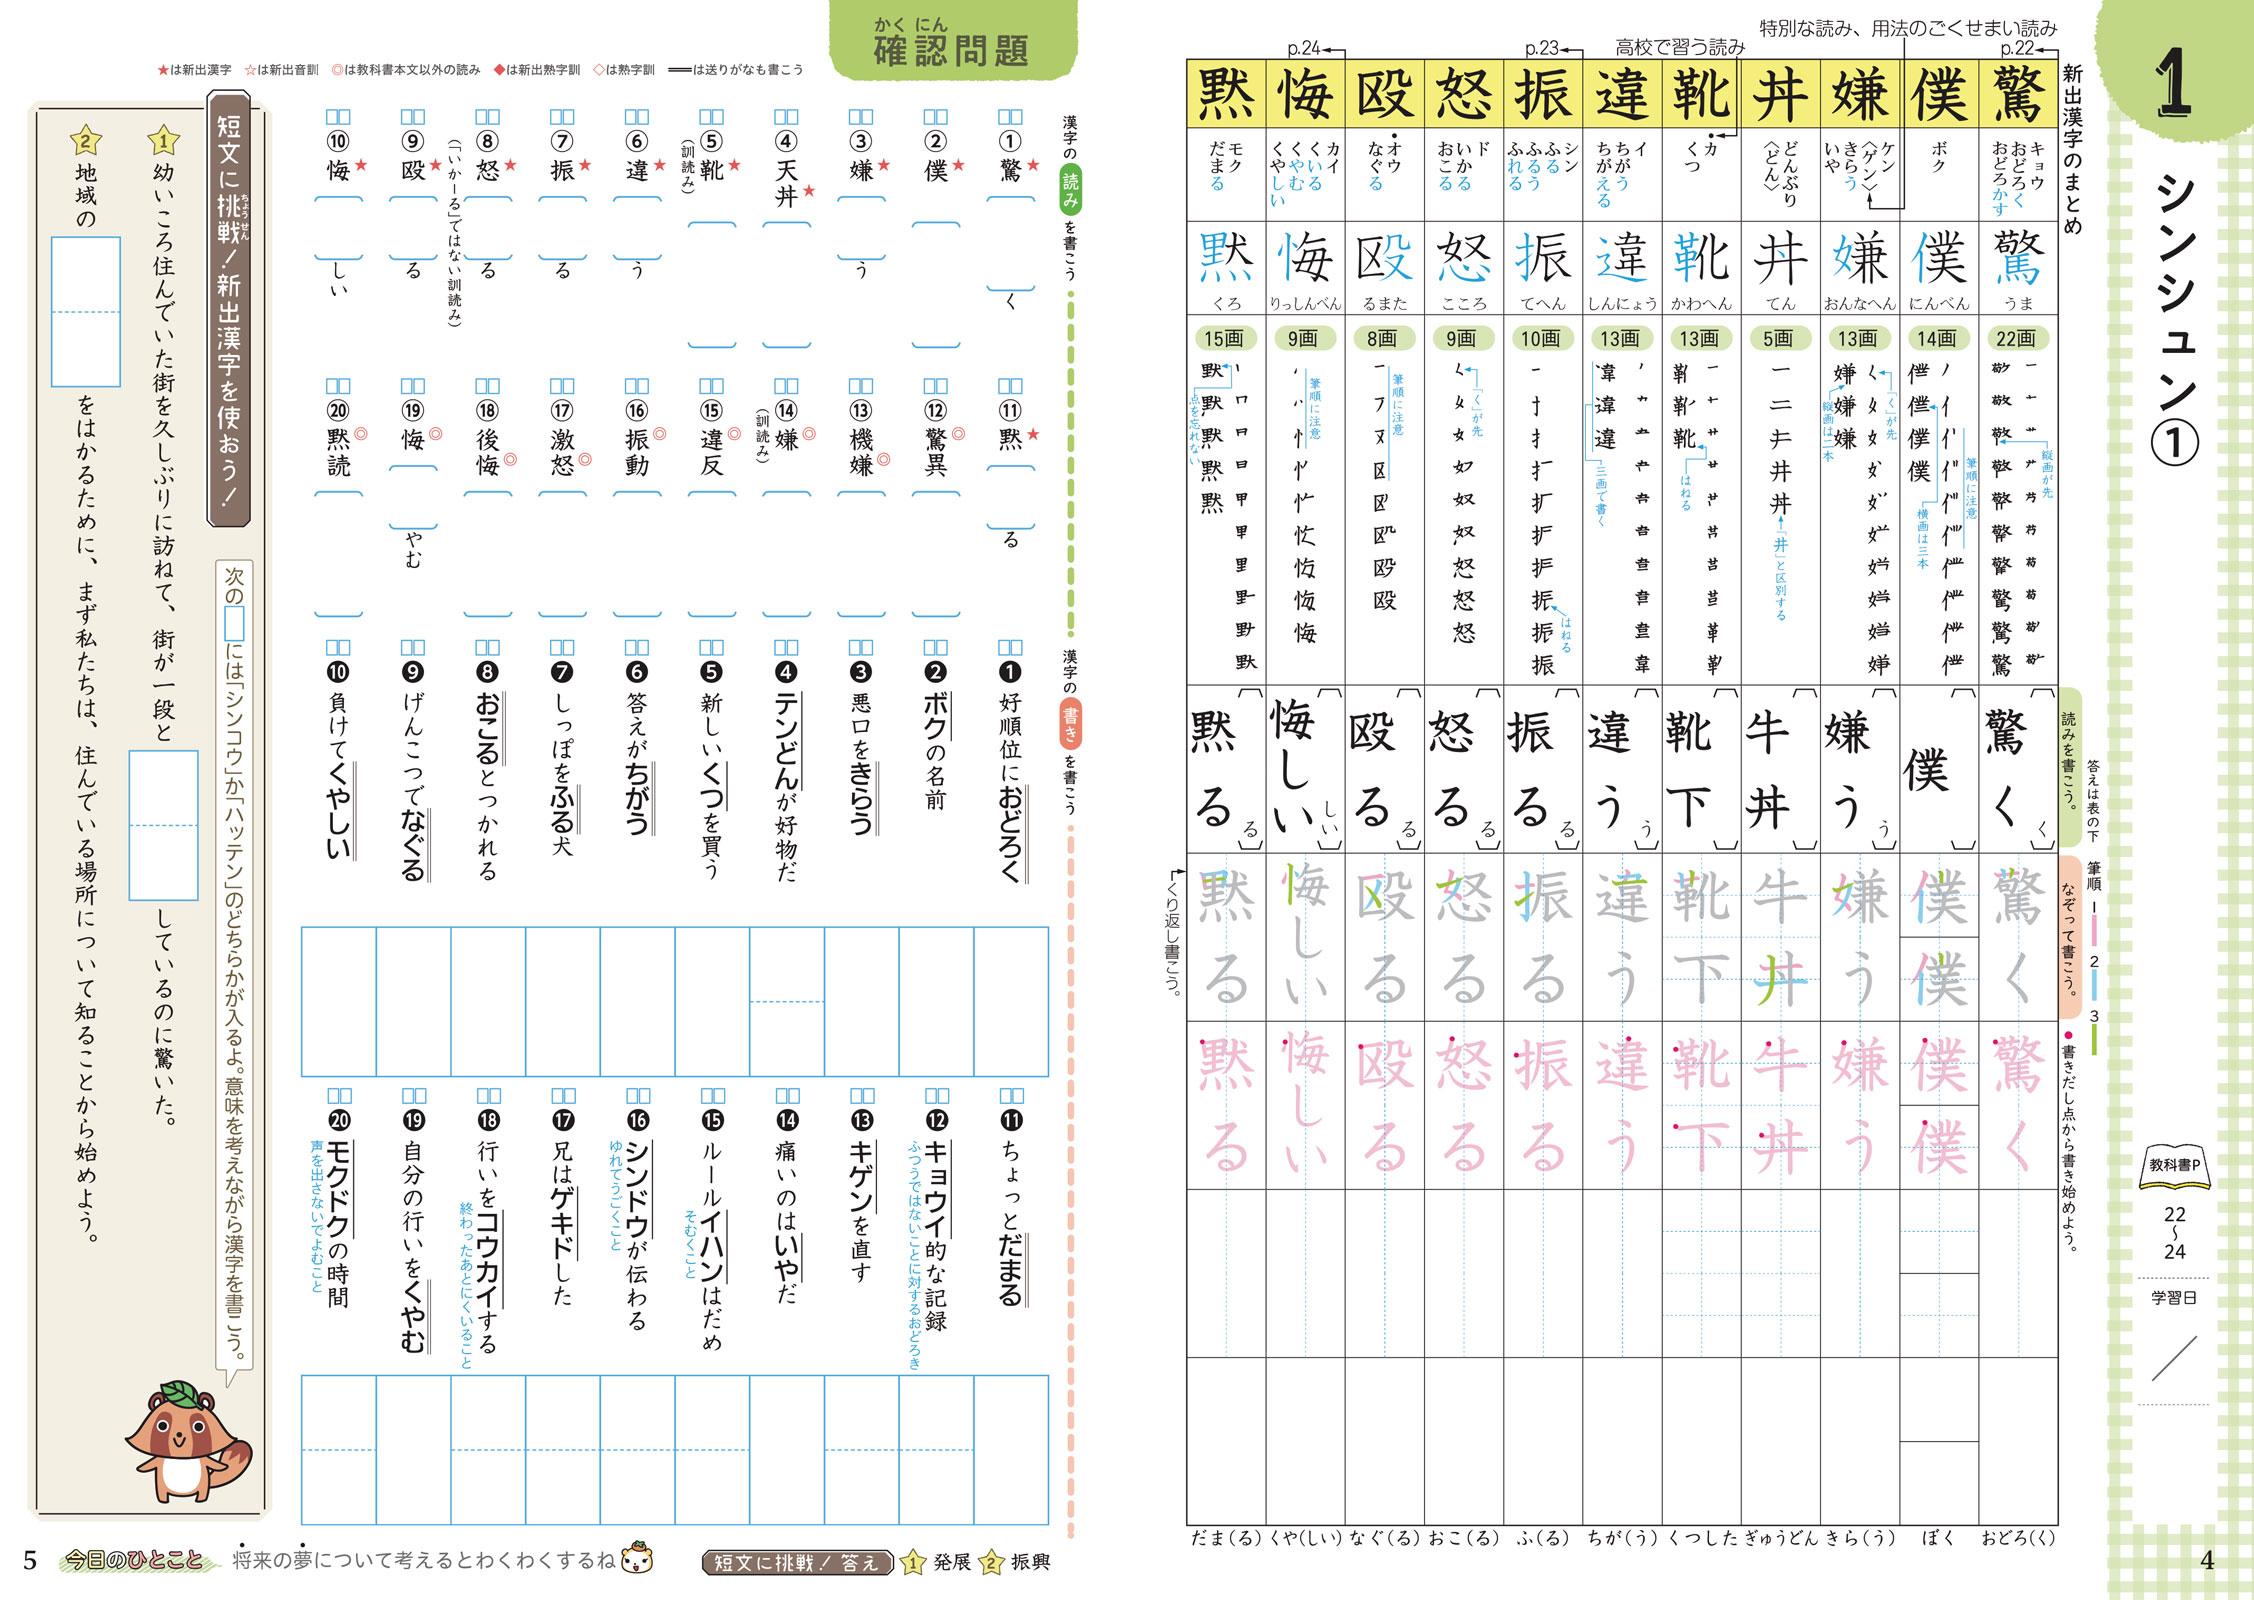 漢字 13 画 の